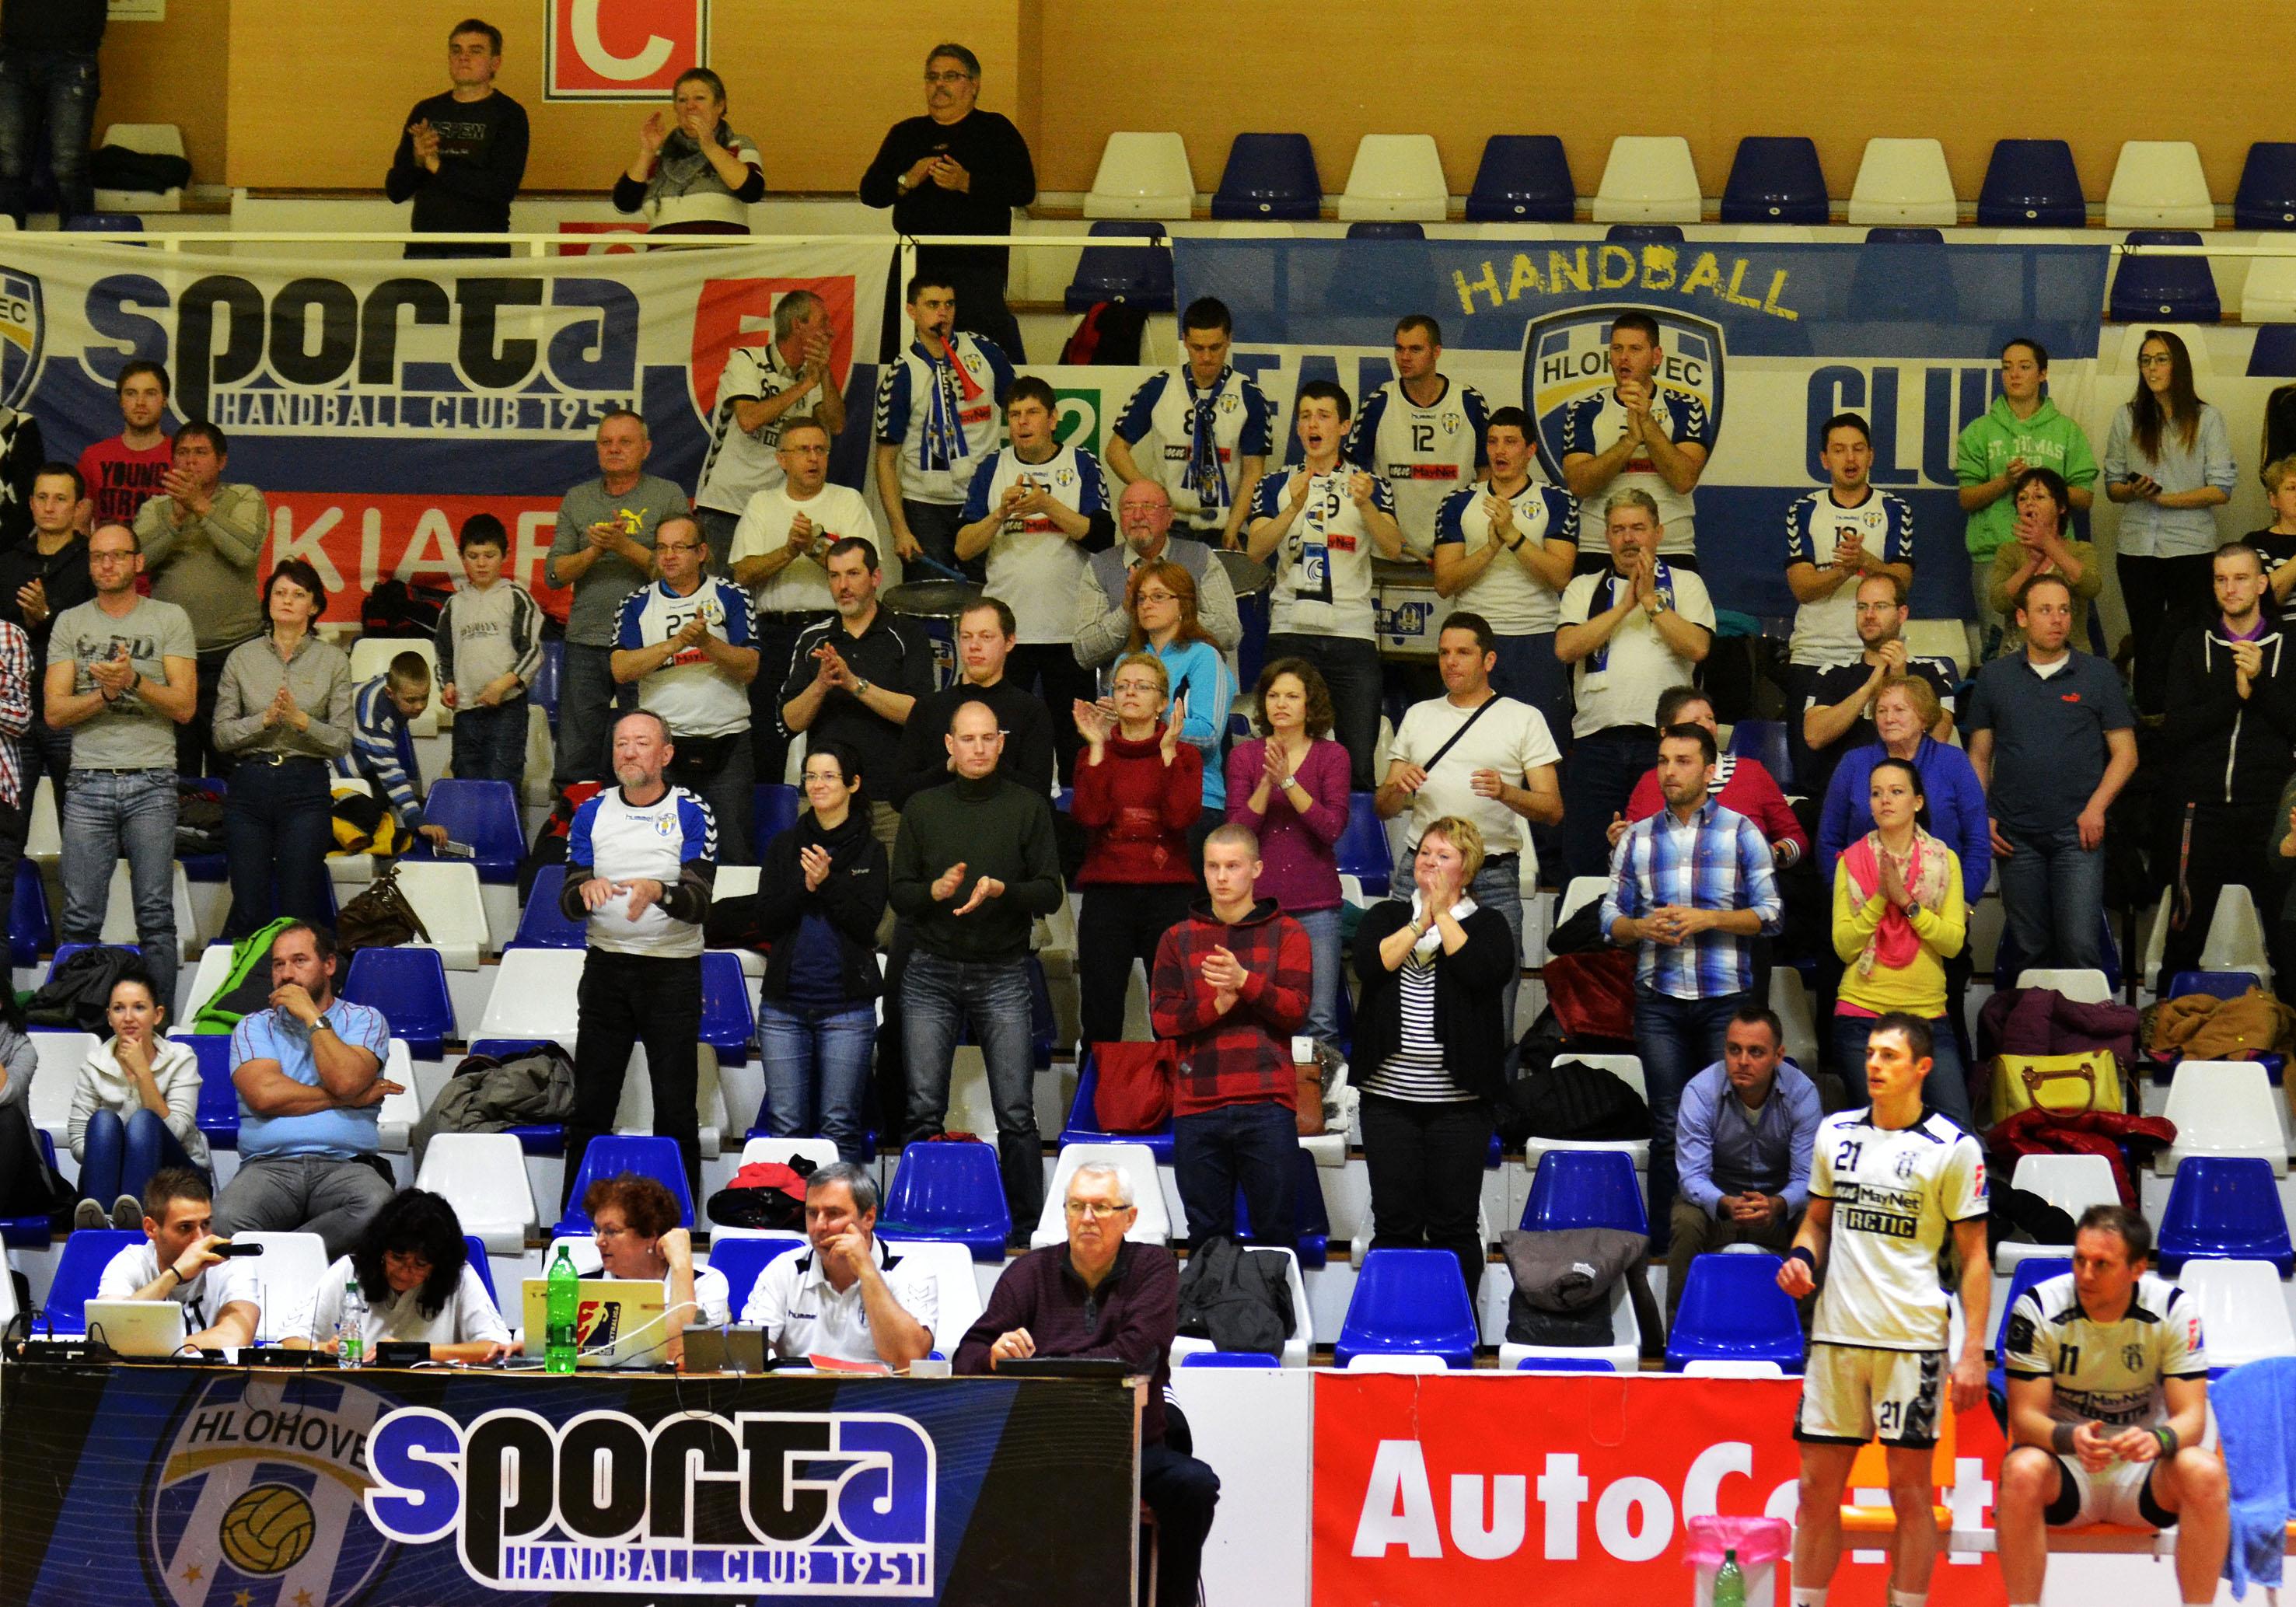 43 hc-to sporta fans_1